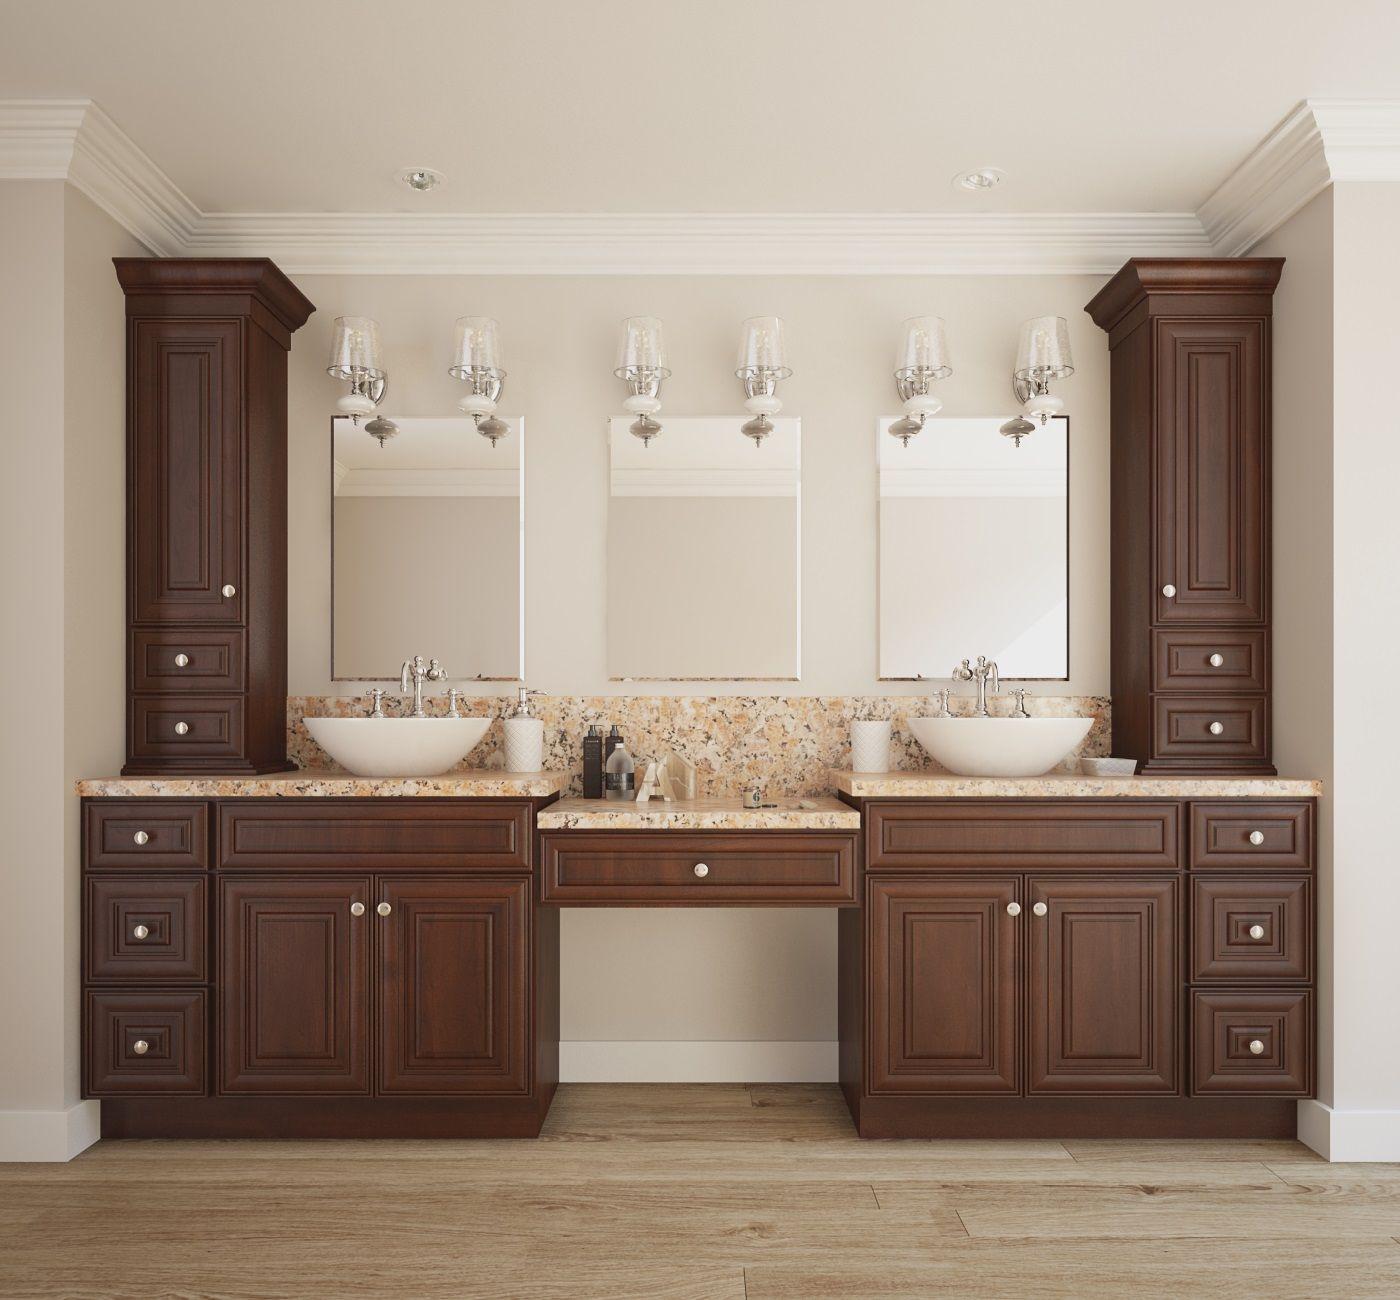 java maple glaze bathroom vanity rta bathroom vanities bathroom rh pinterest com rta 42 bathroom vanity rta 42 bathroom vanity